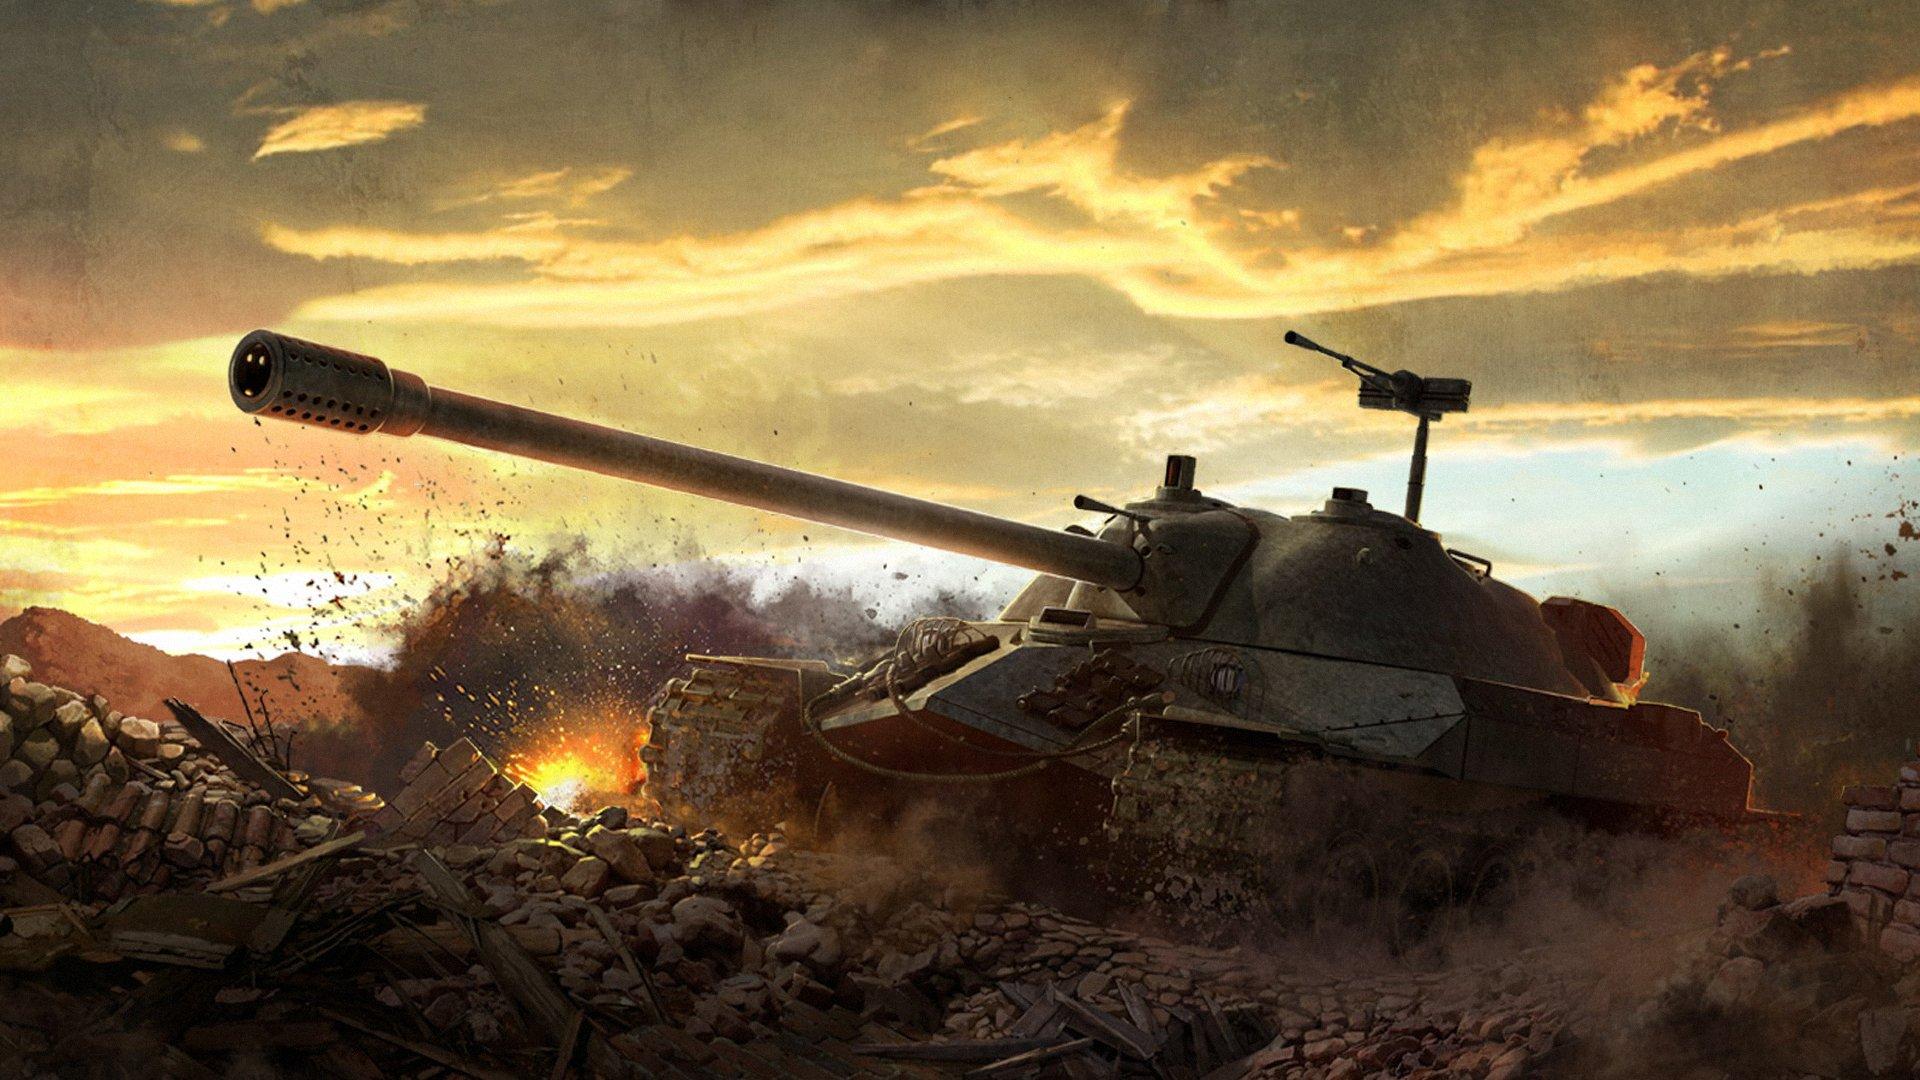 Финал турнира по World of Tanks пройдет в Москве - Изображение 1